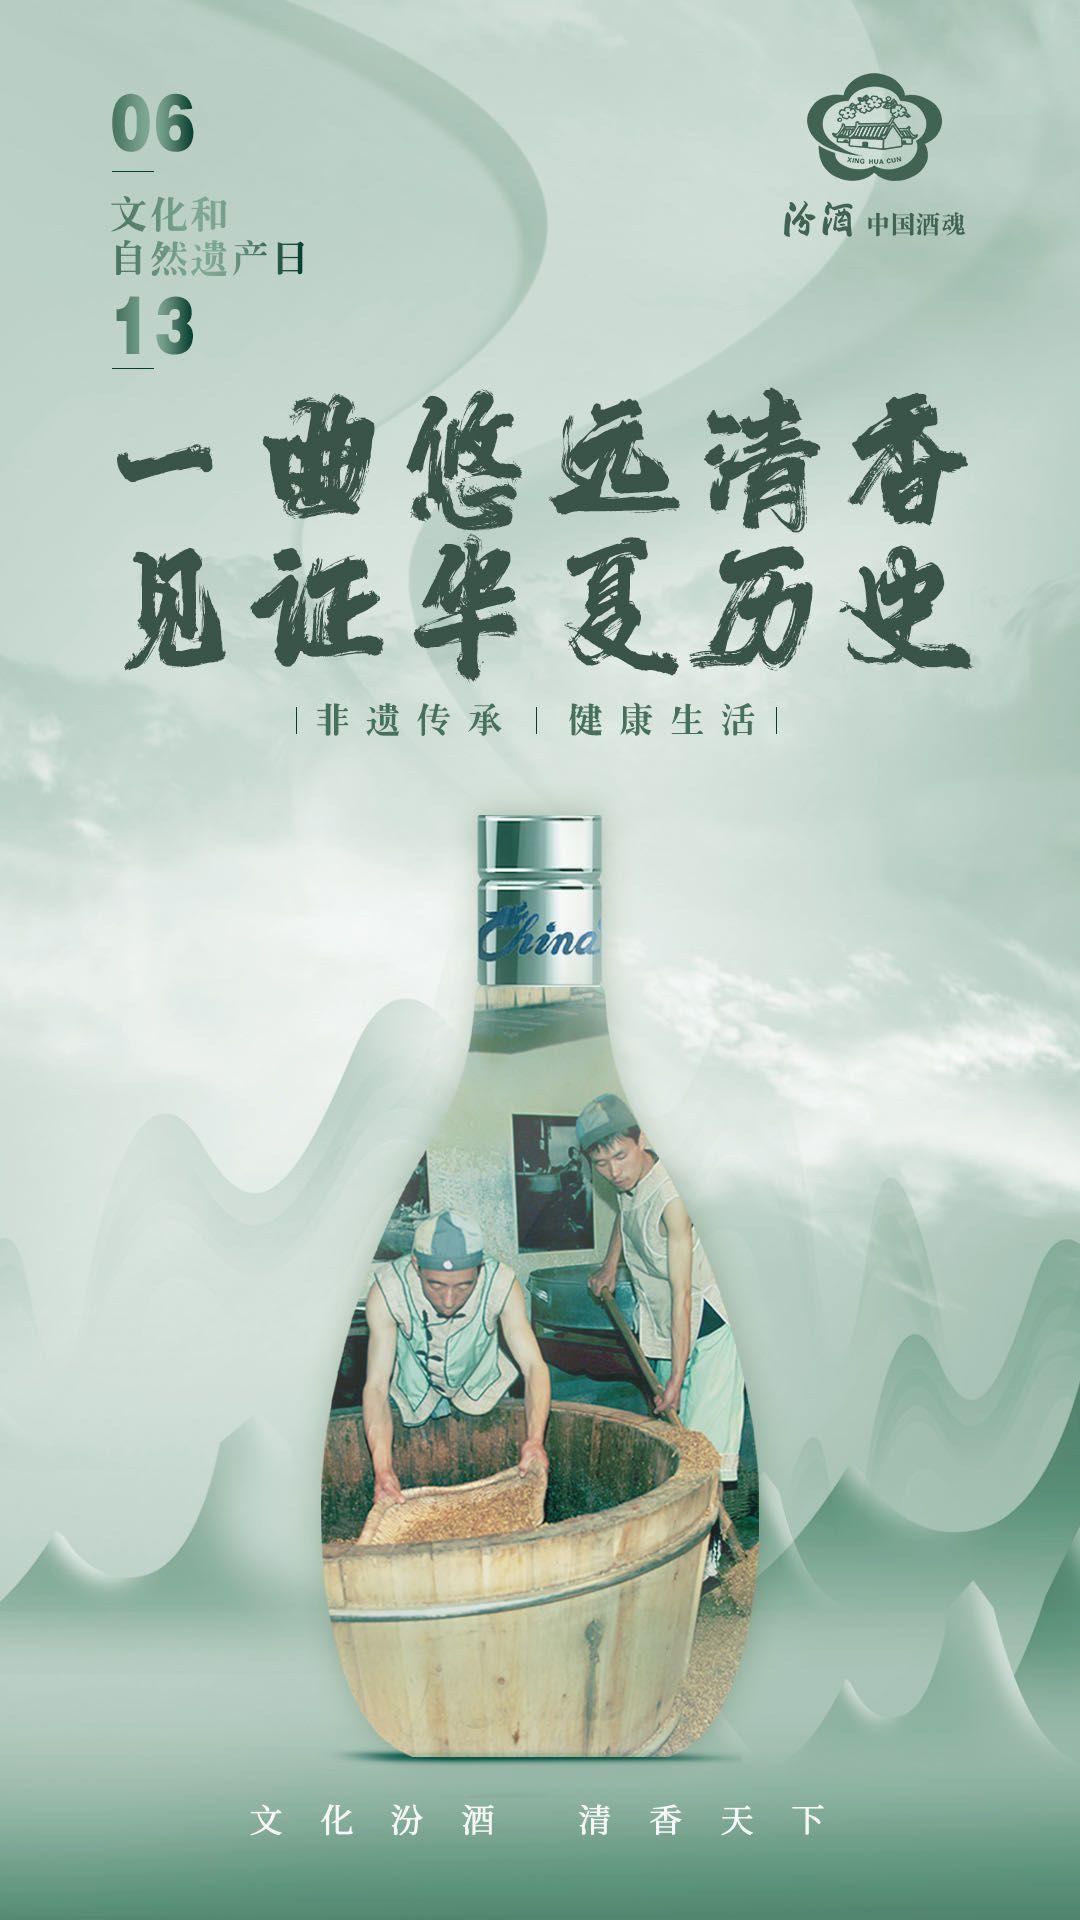 察|汾酒可否助中国白酒酿造技摩天开户,摩天开户图片